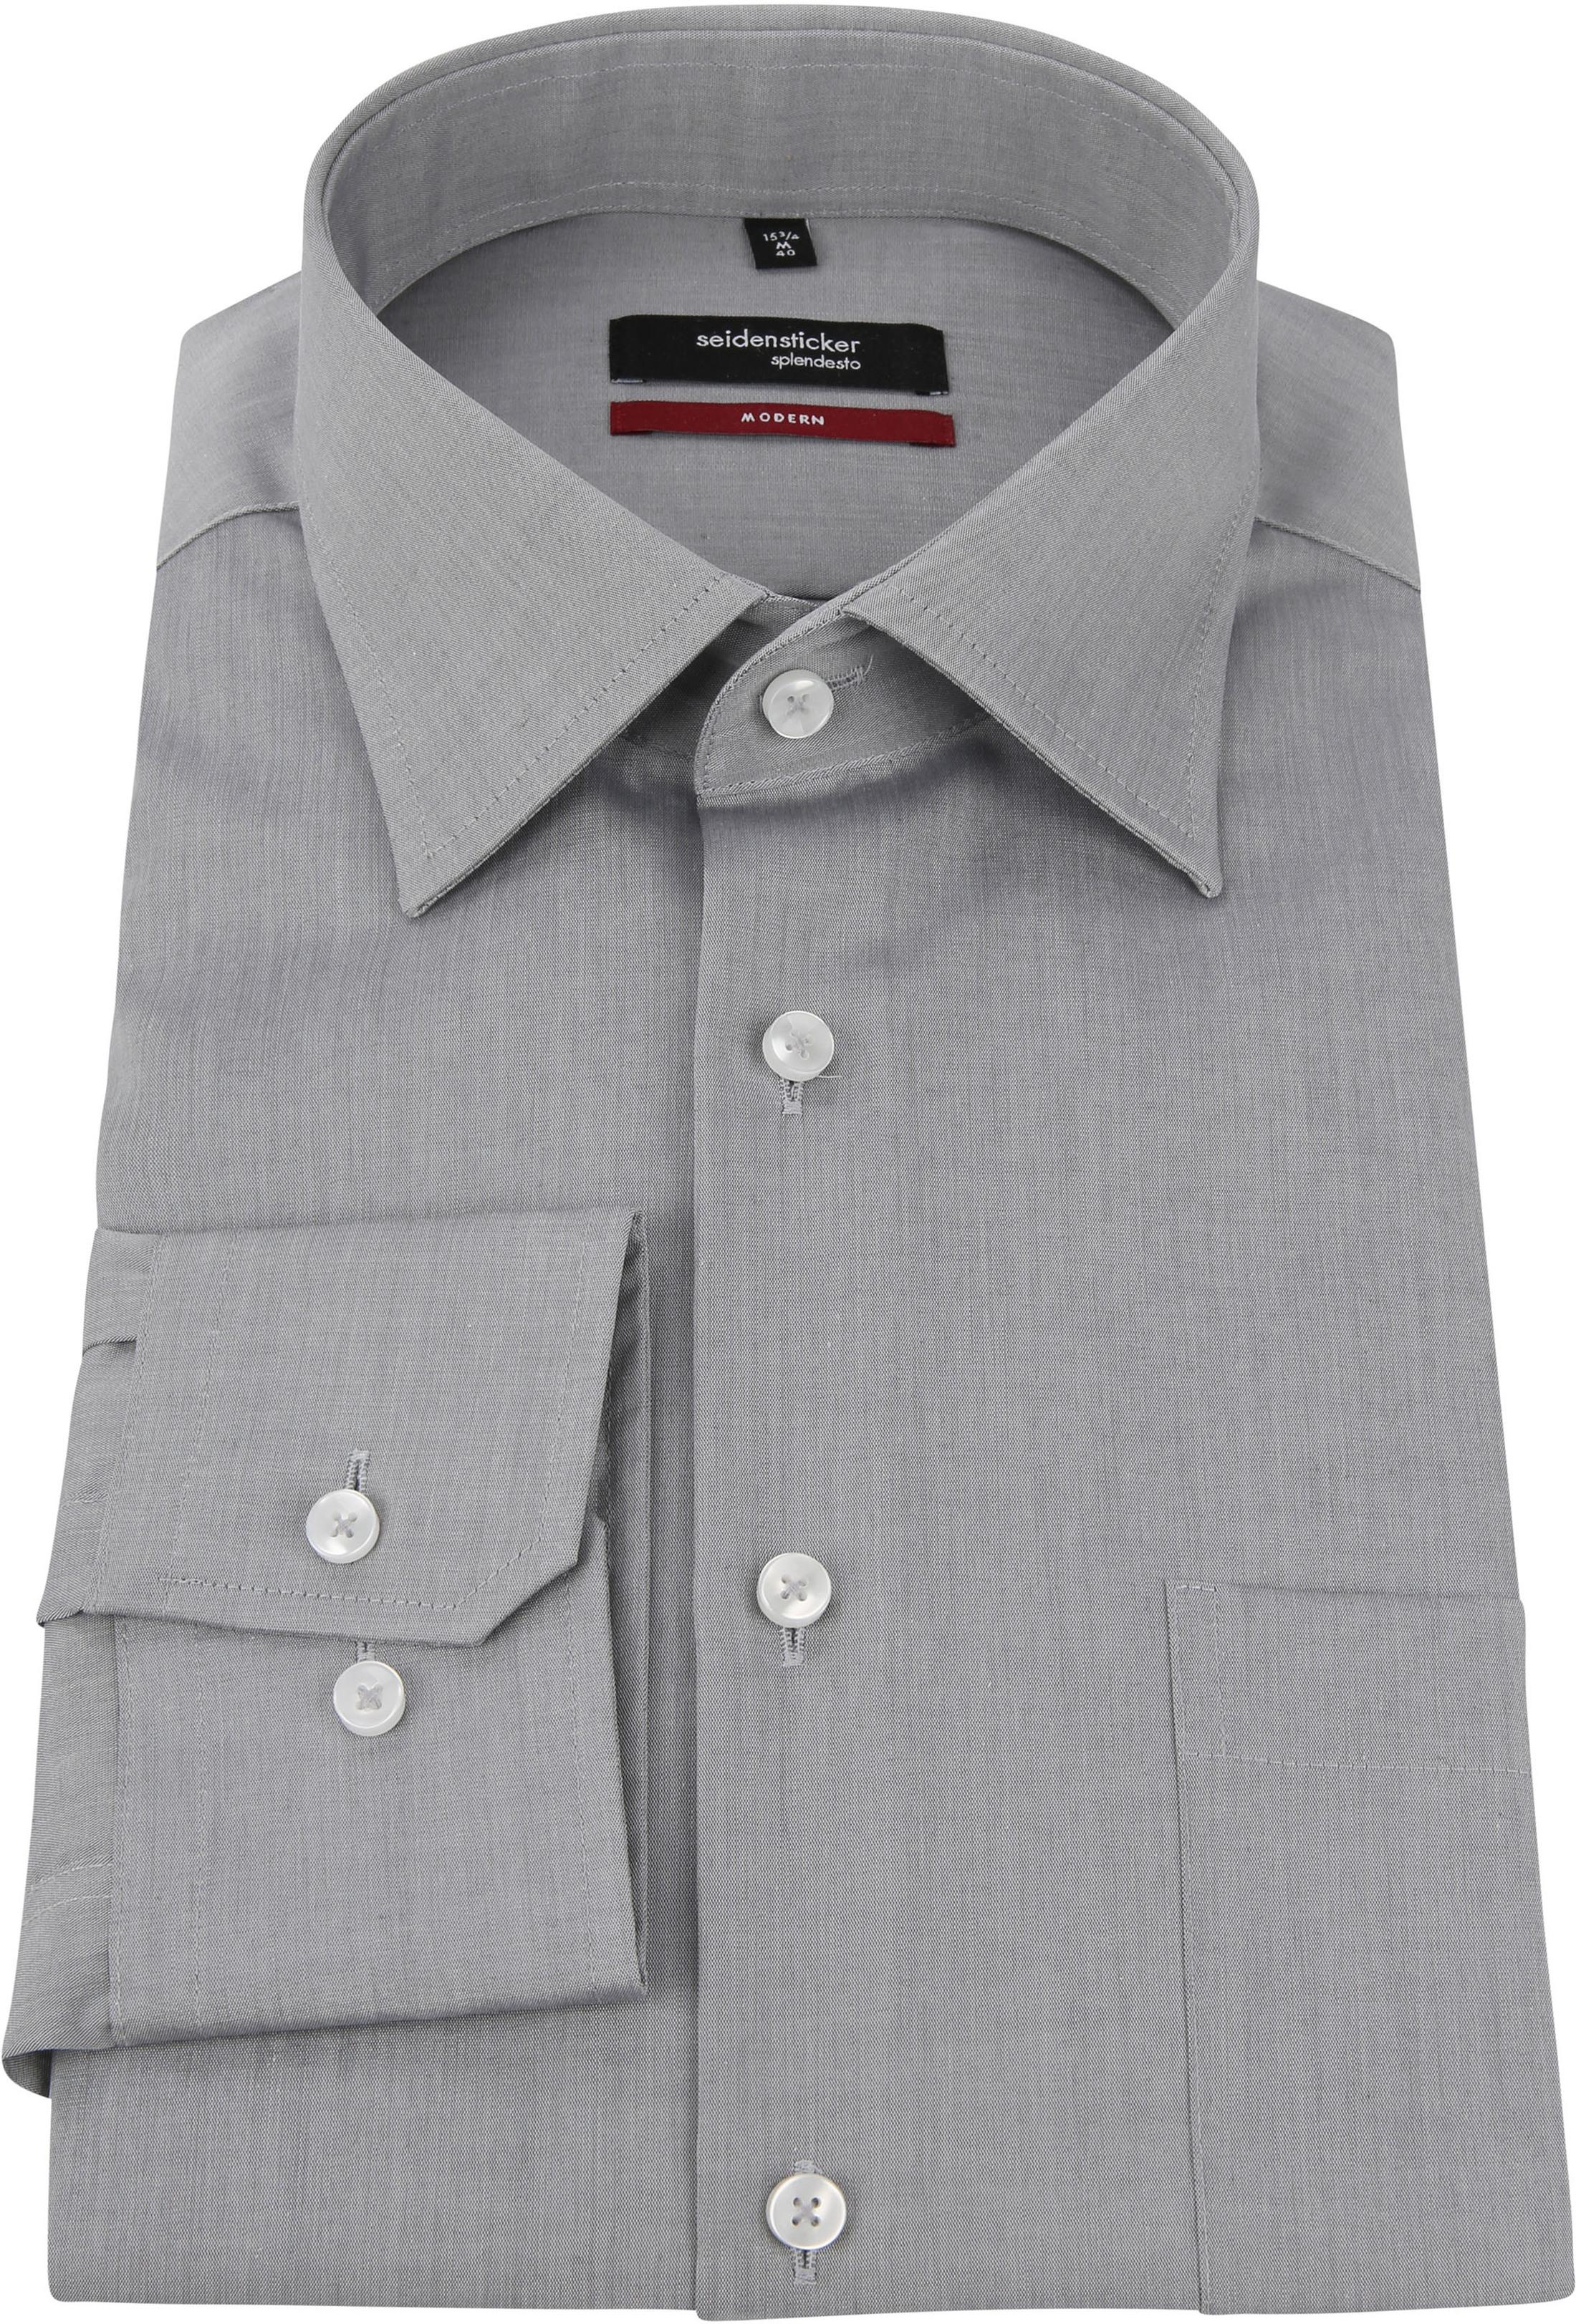 Seidensticker Non Iron Shirt Grey